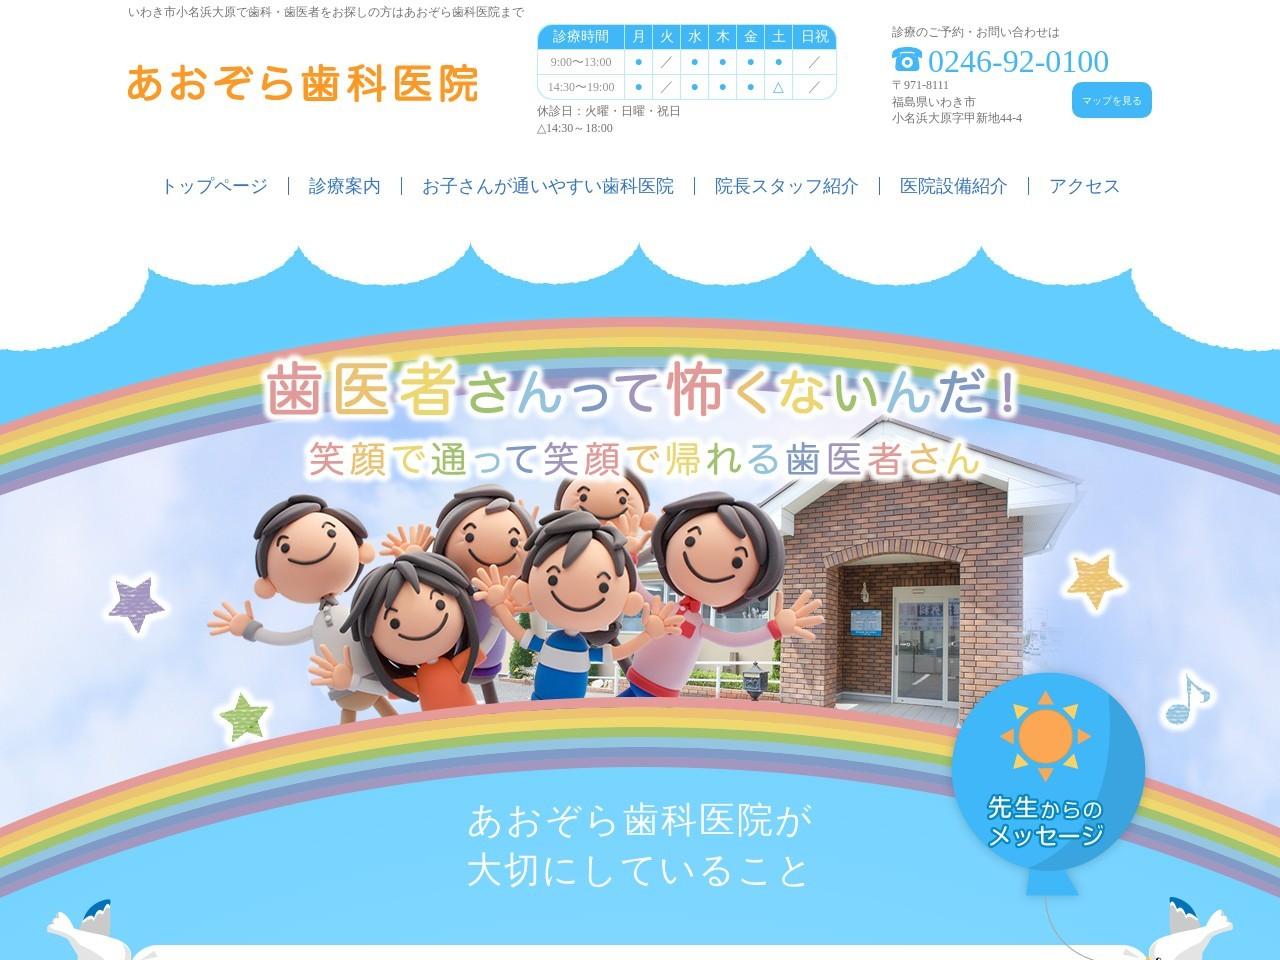 あおぞら歯科医院 (福島県いわき市)